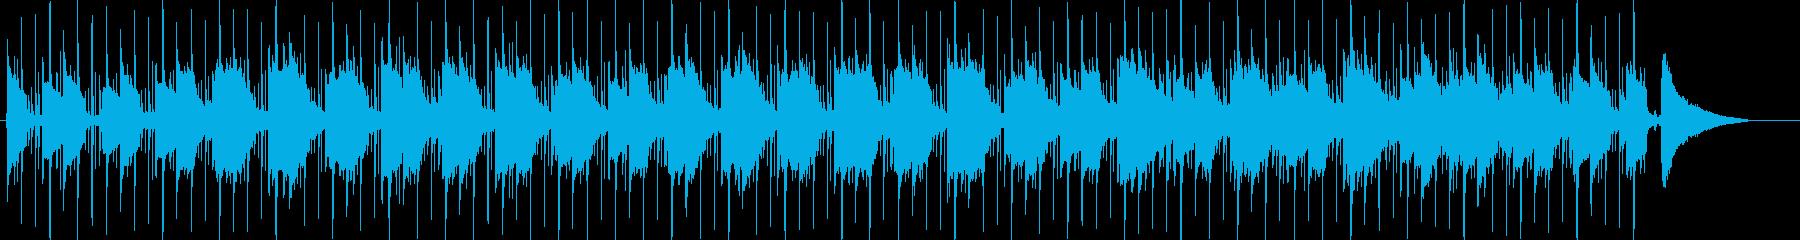 クールな雰囲気のバラードの再生済みの波形